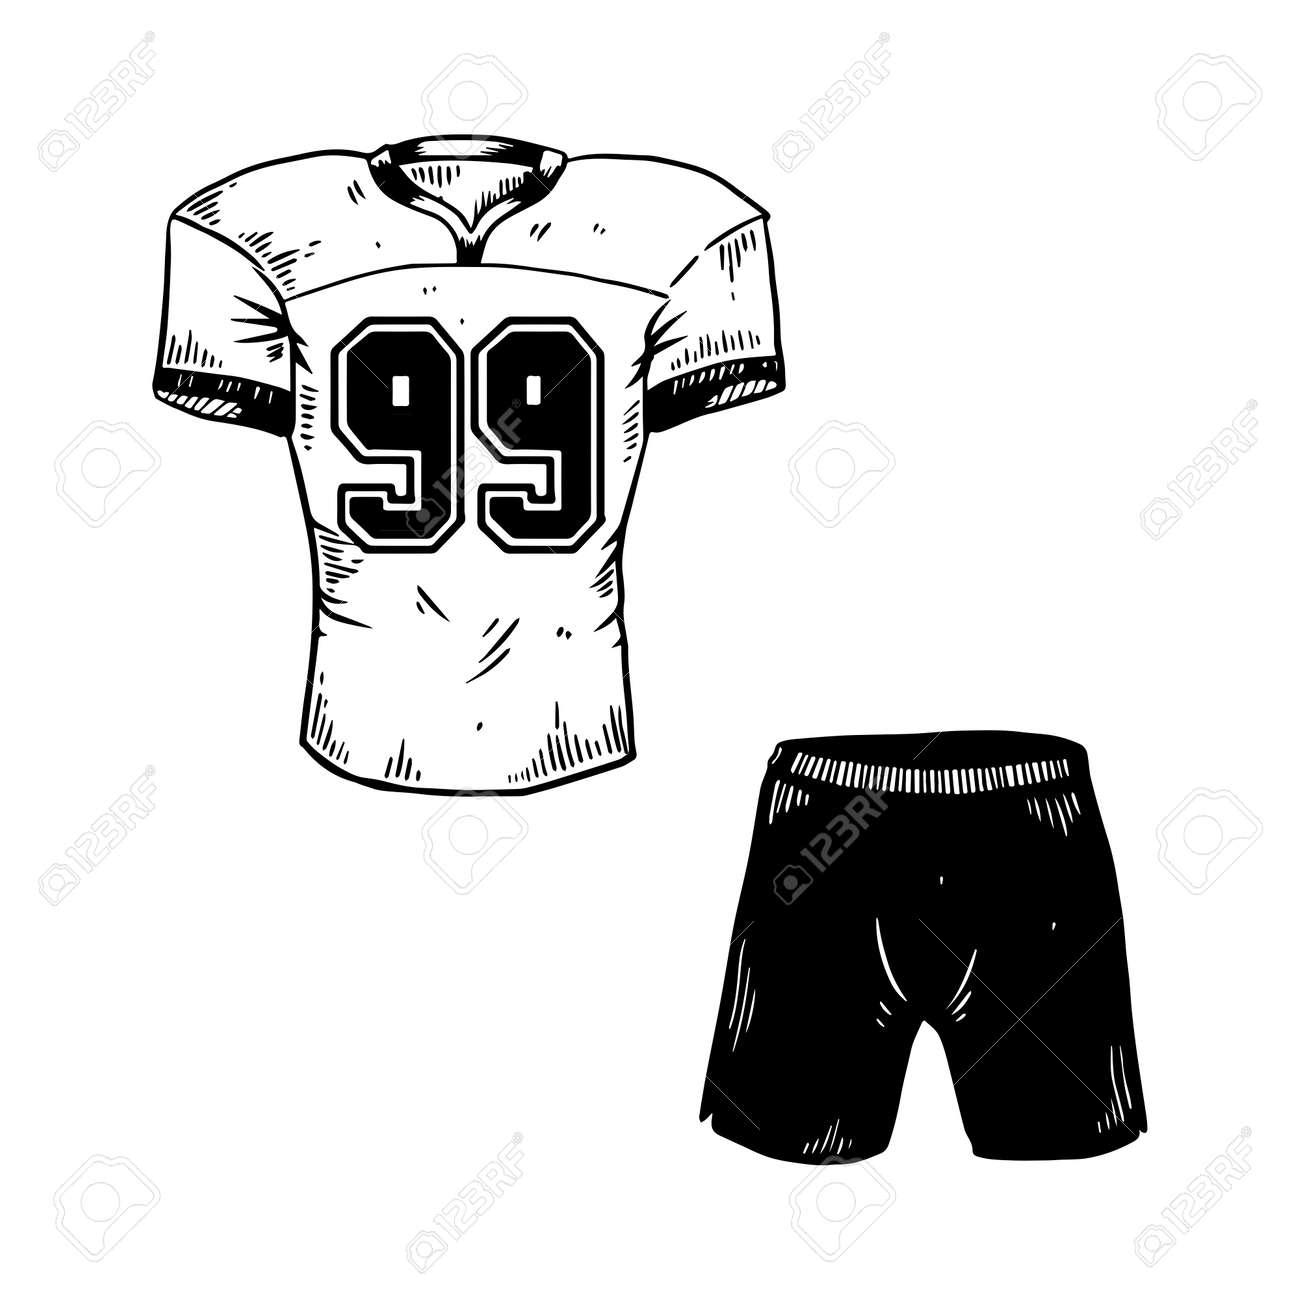 eeffdeca17 Pantalones Cortos De La Camiseta Del Equipo Del Deporte Del Fútbol Americano  Que Graban La Ilustración Del Vector. Imagen Aislada En El Fondo Blanco.